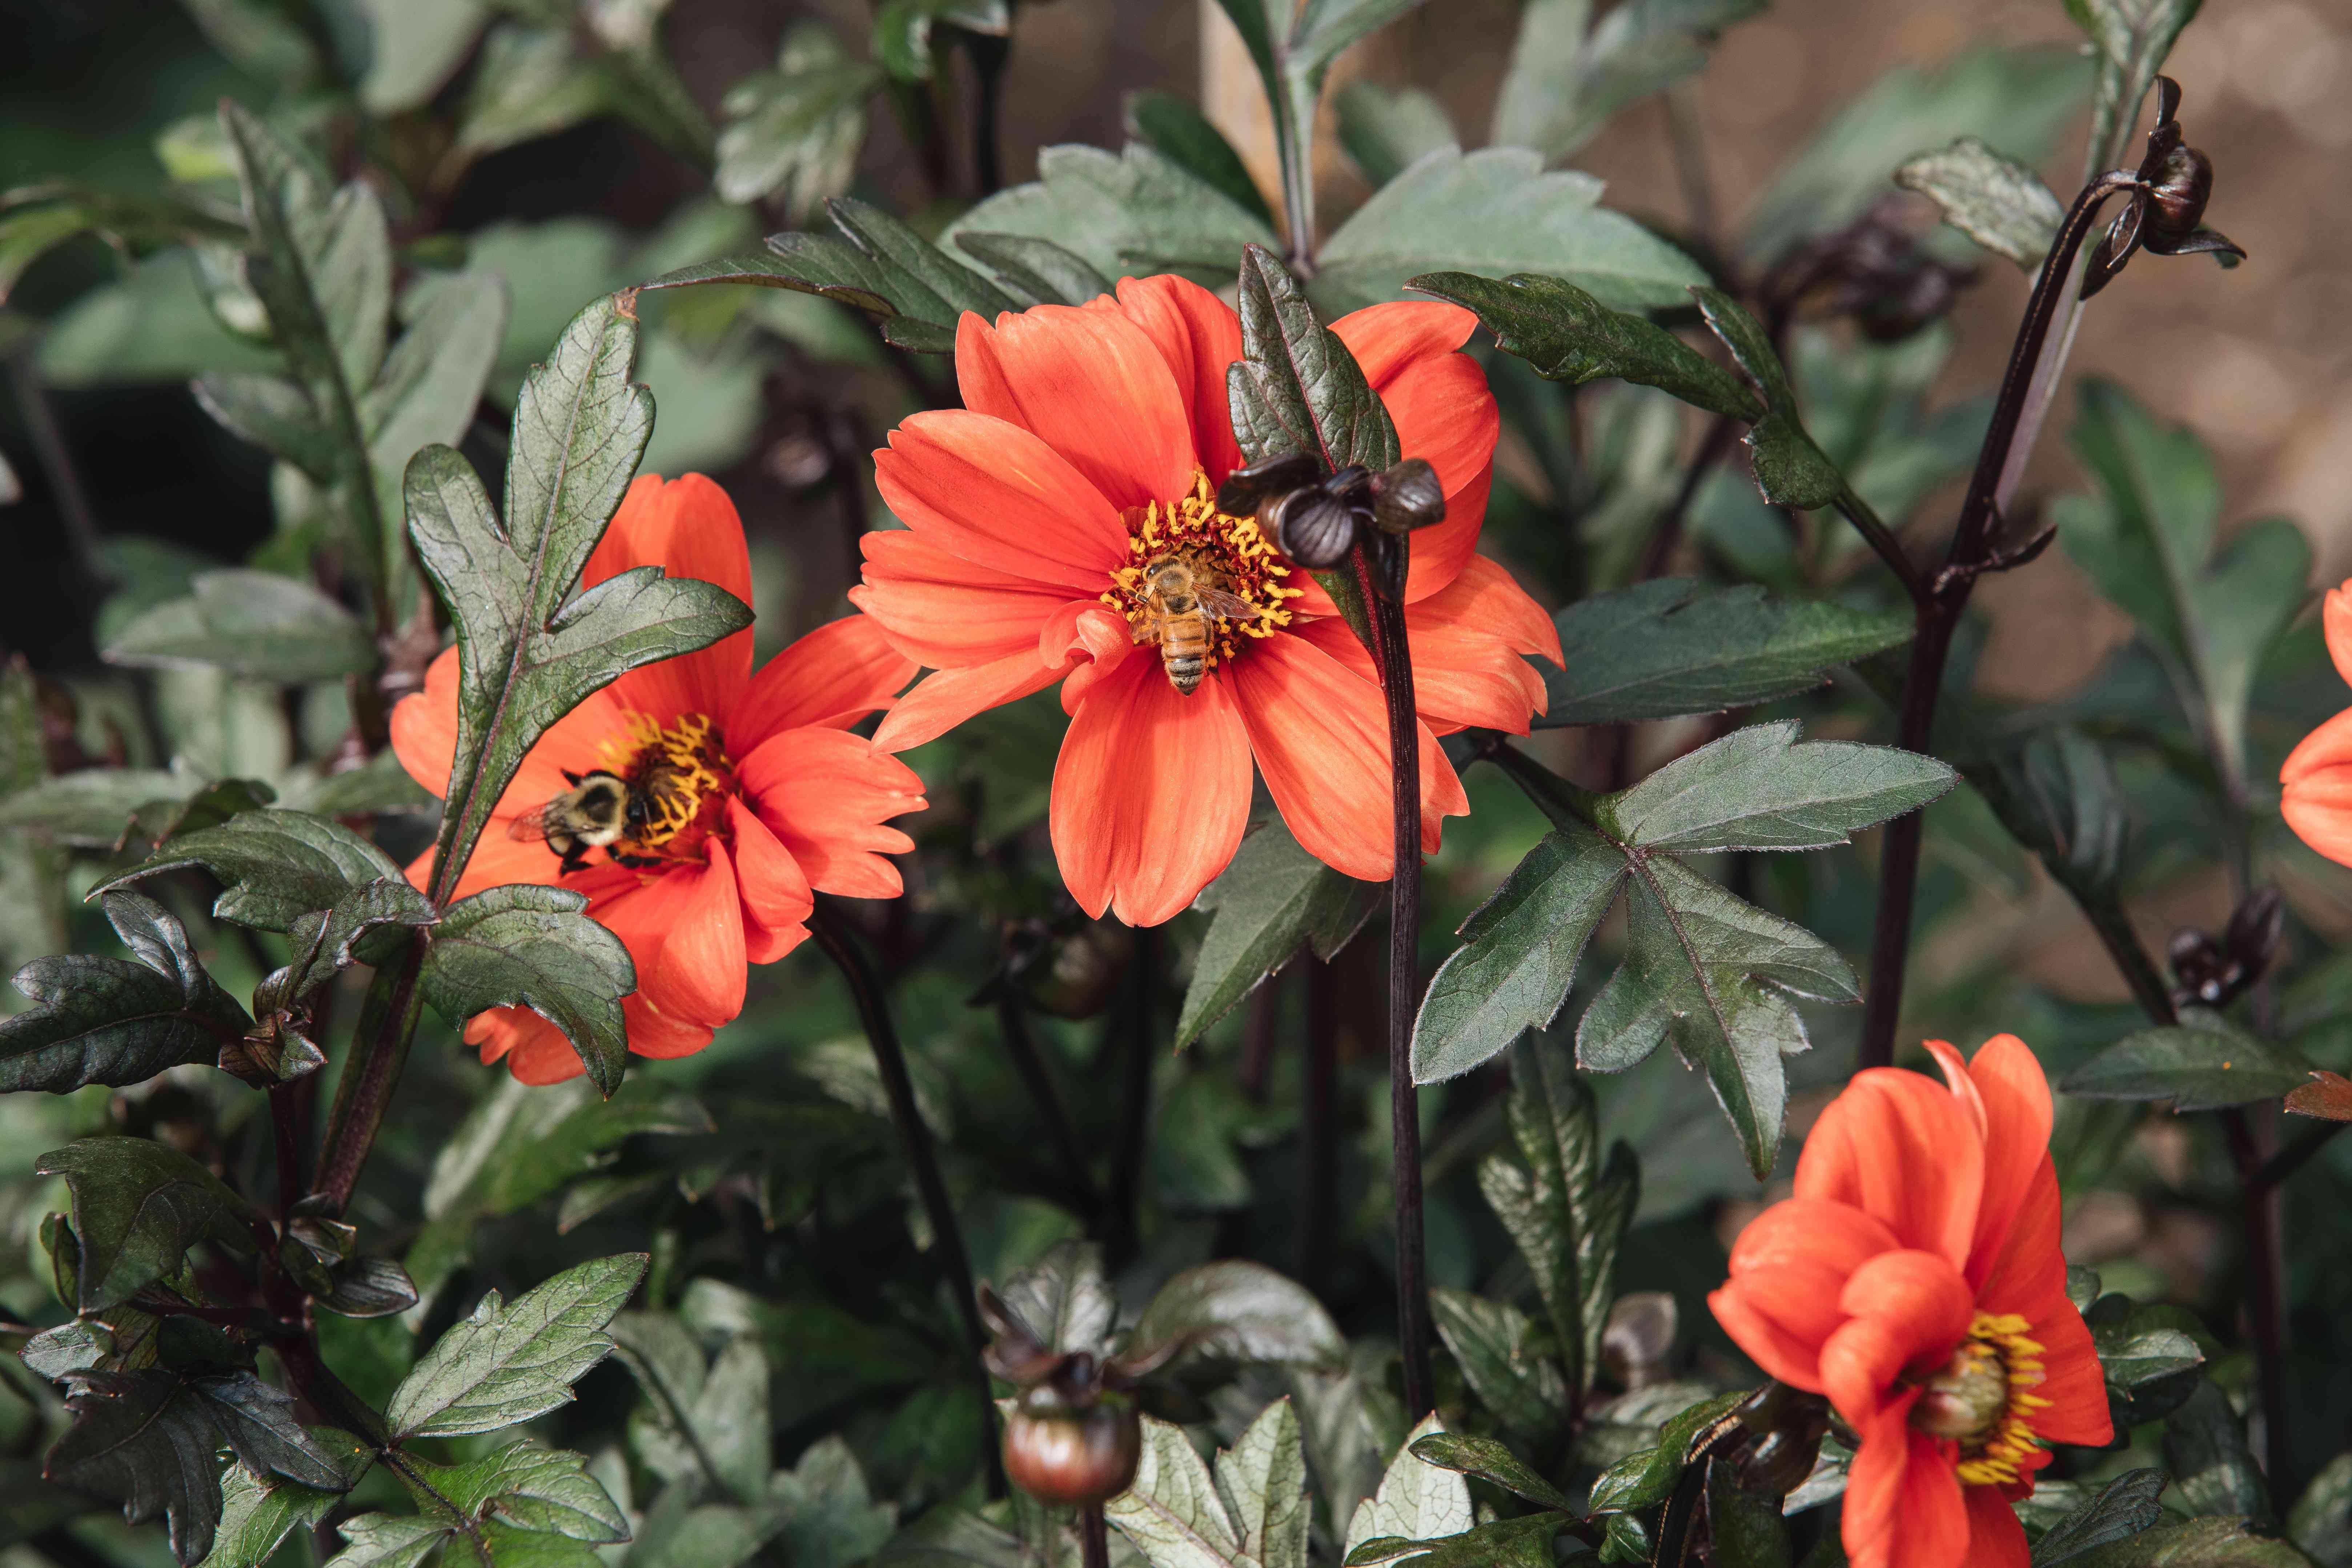 orange daisy-like dahlias